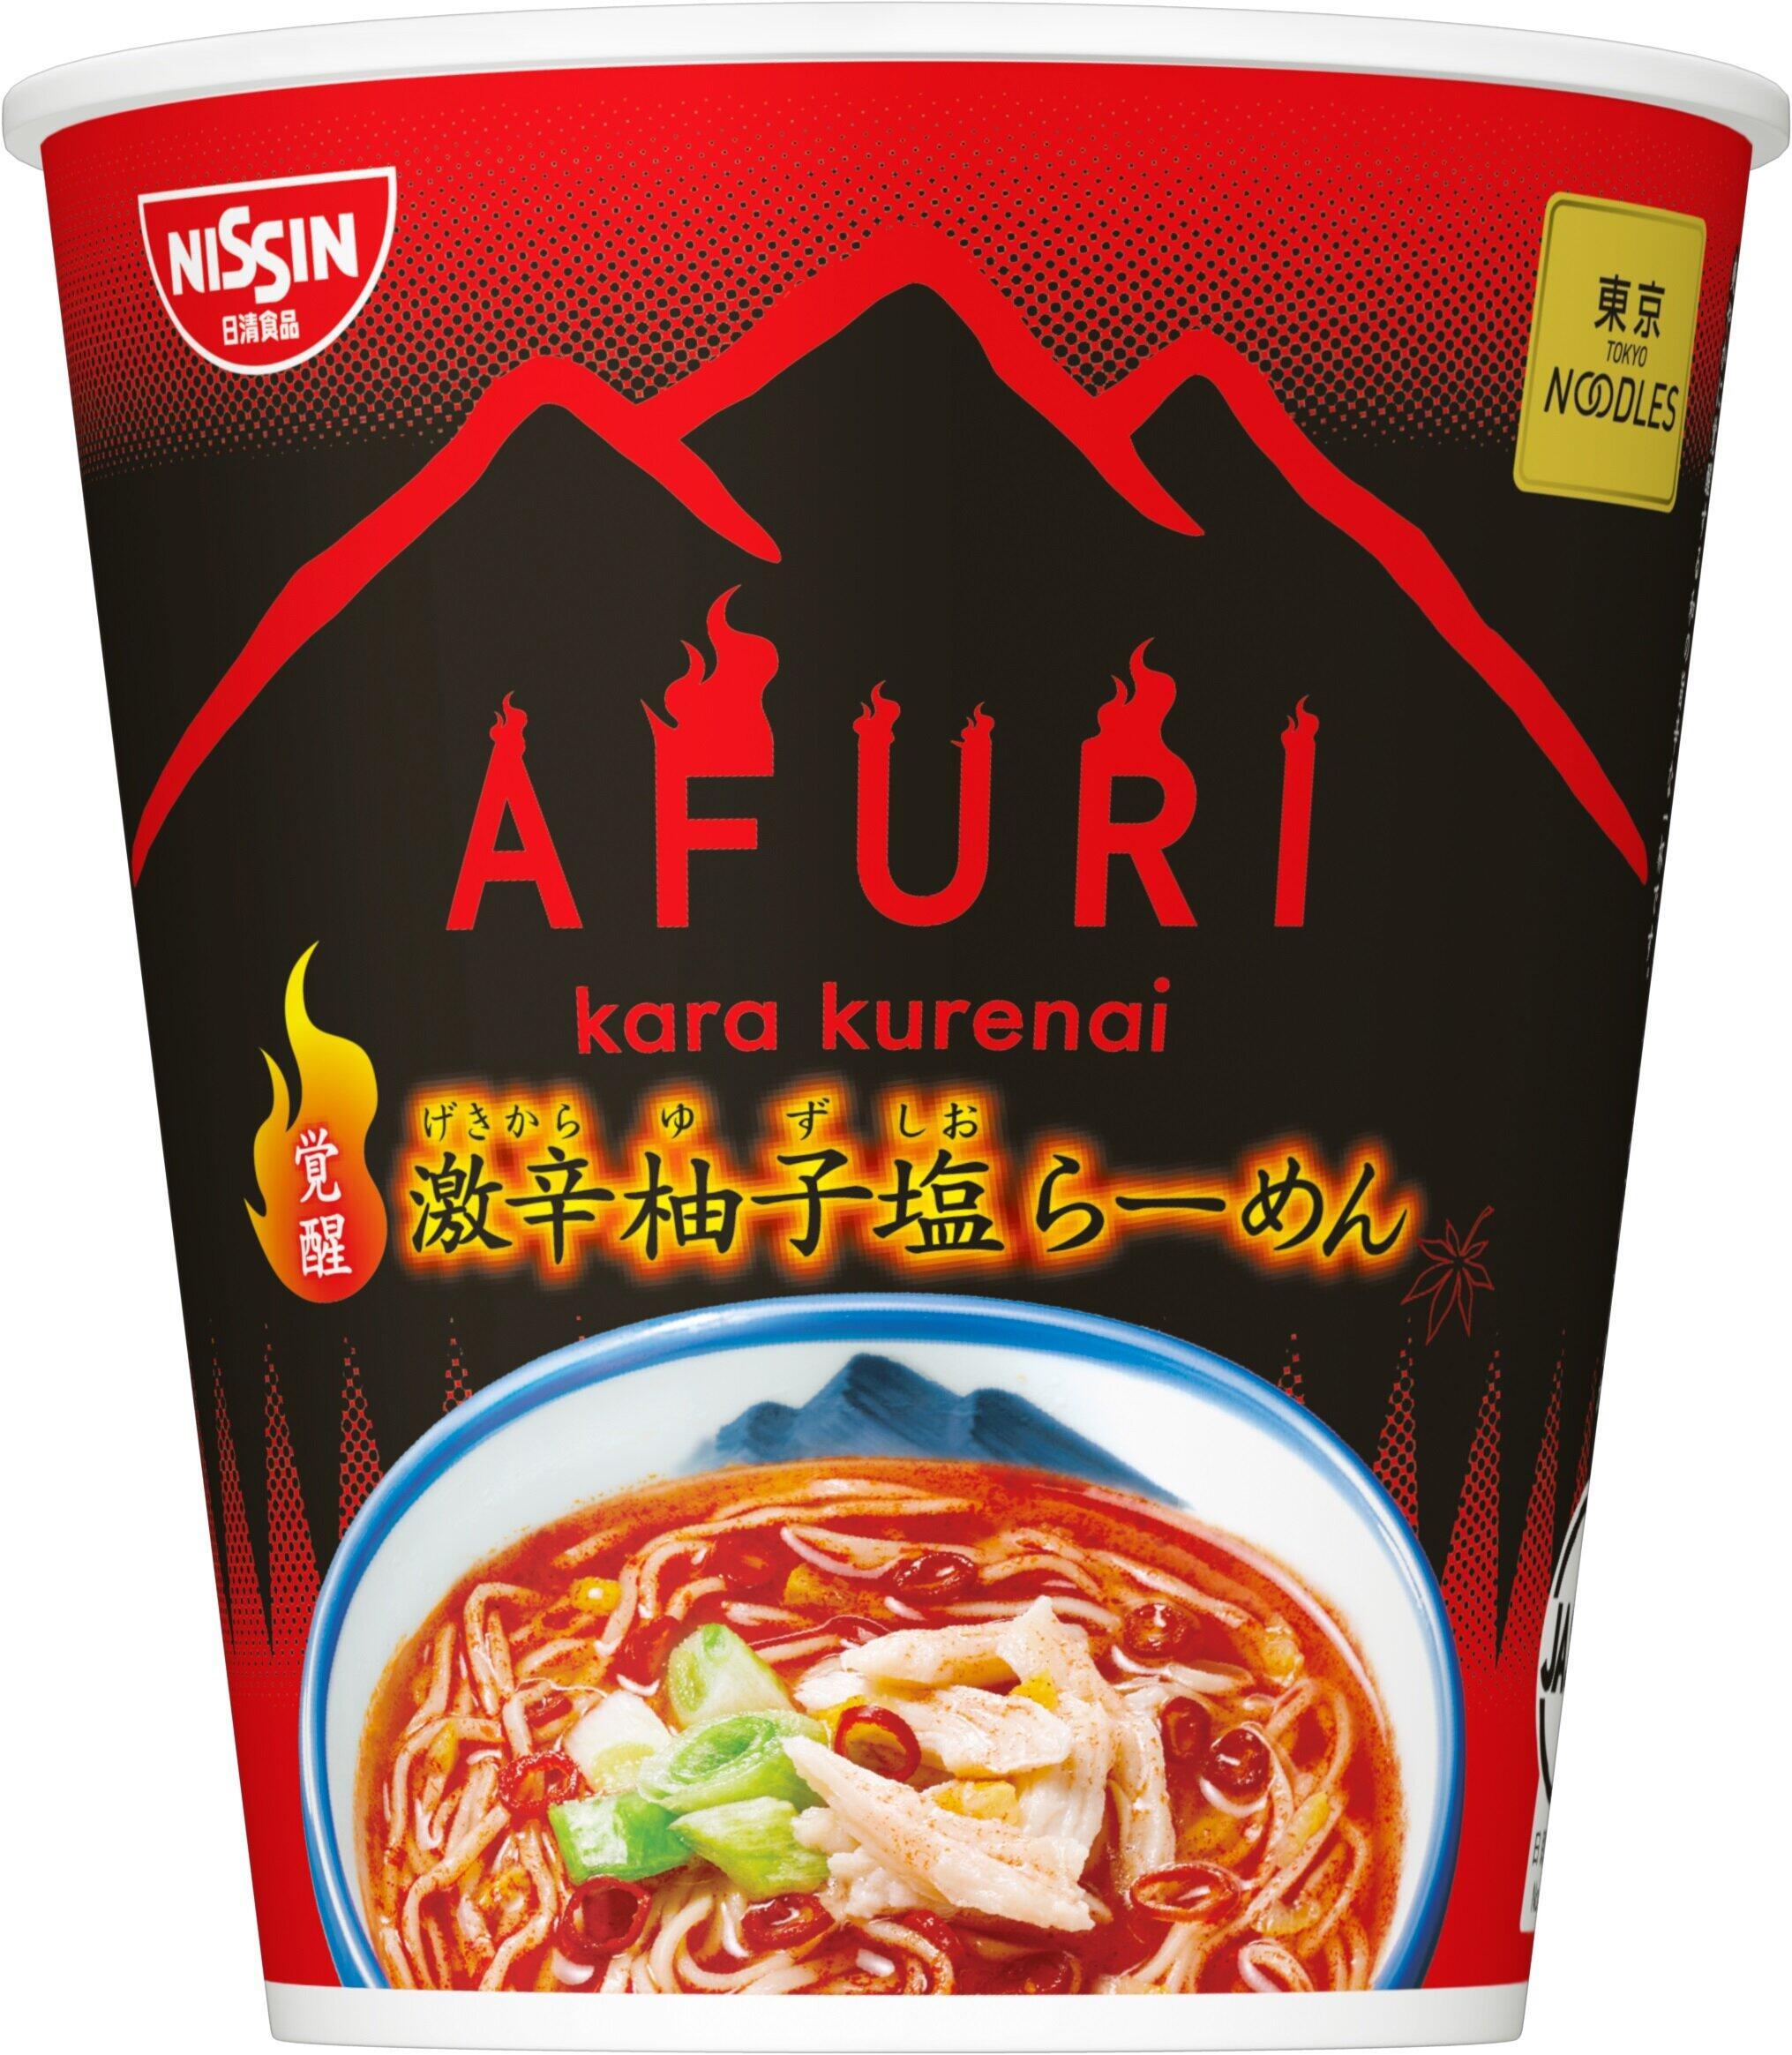 柚子の爽やかさに激辛スープ 東京の人気ラーメン店「AFURI」の味わい